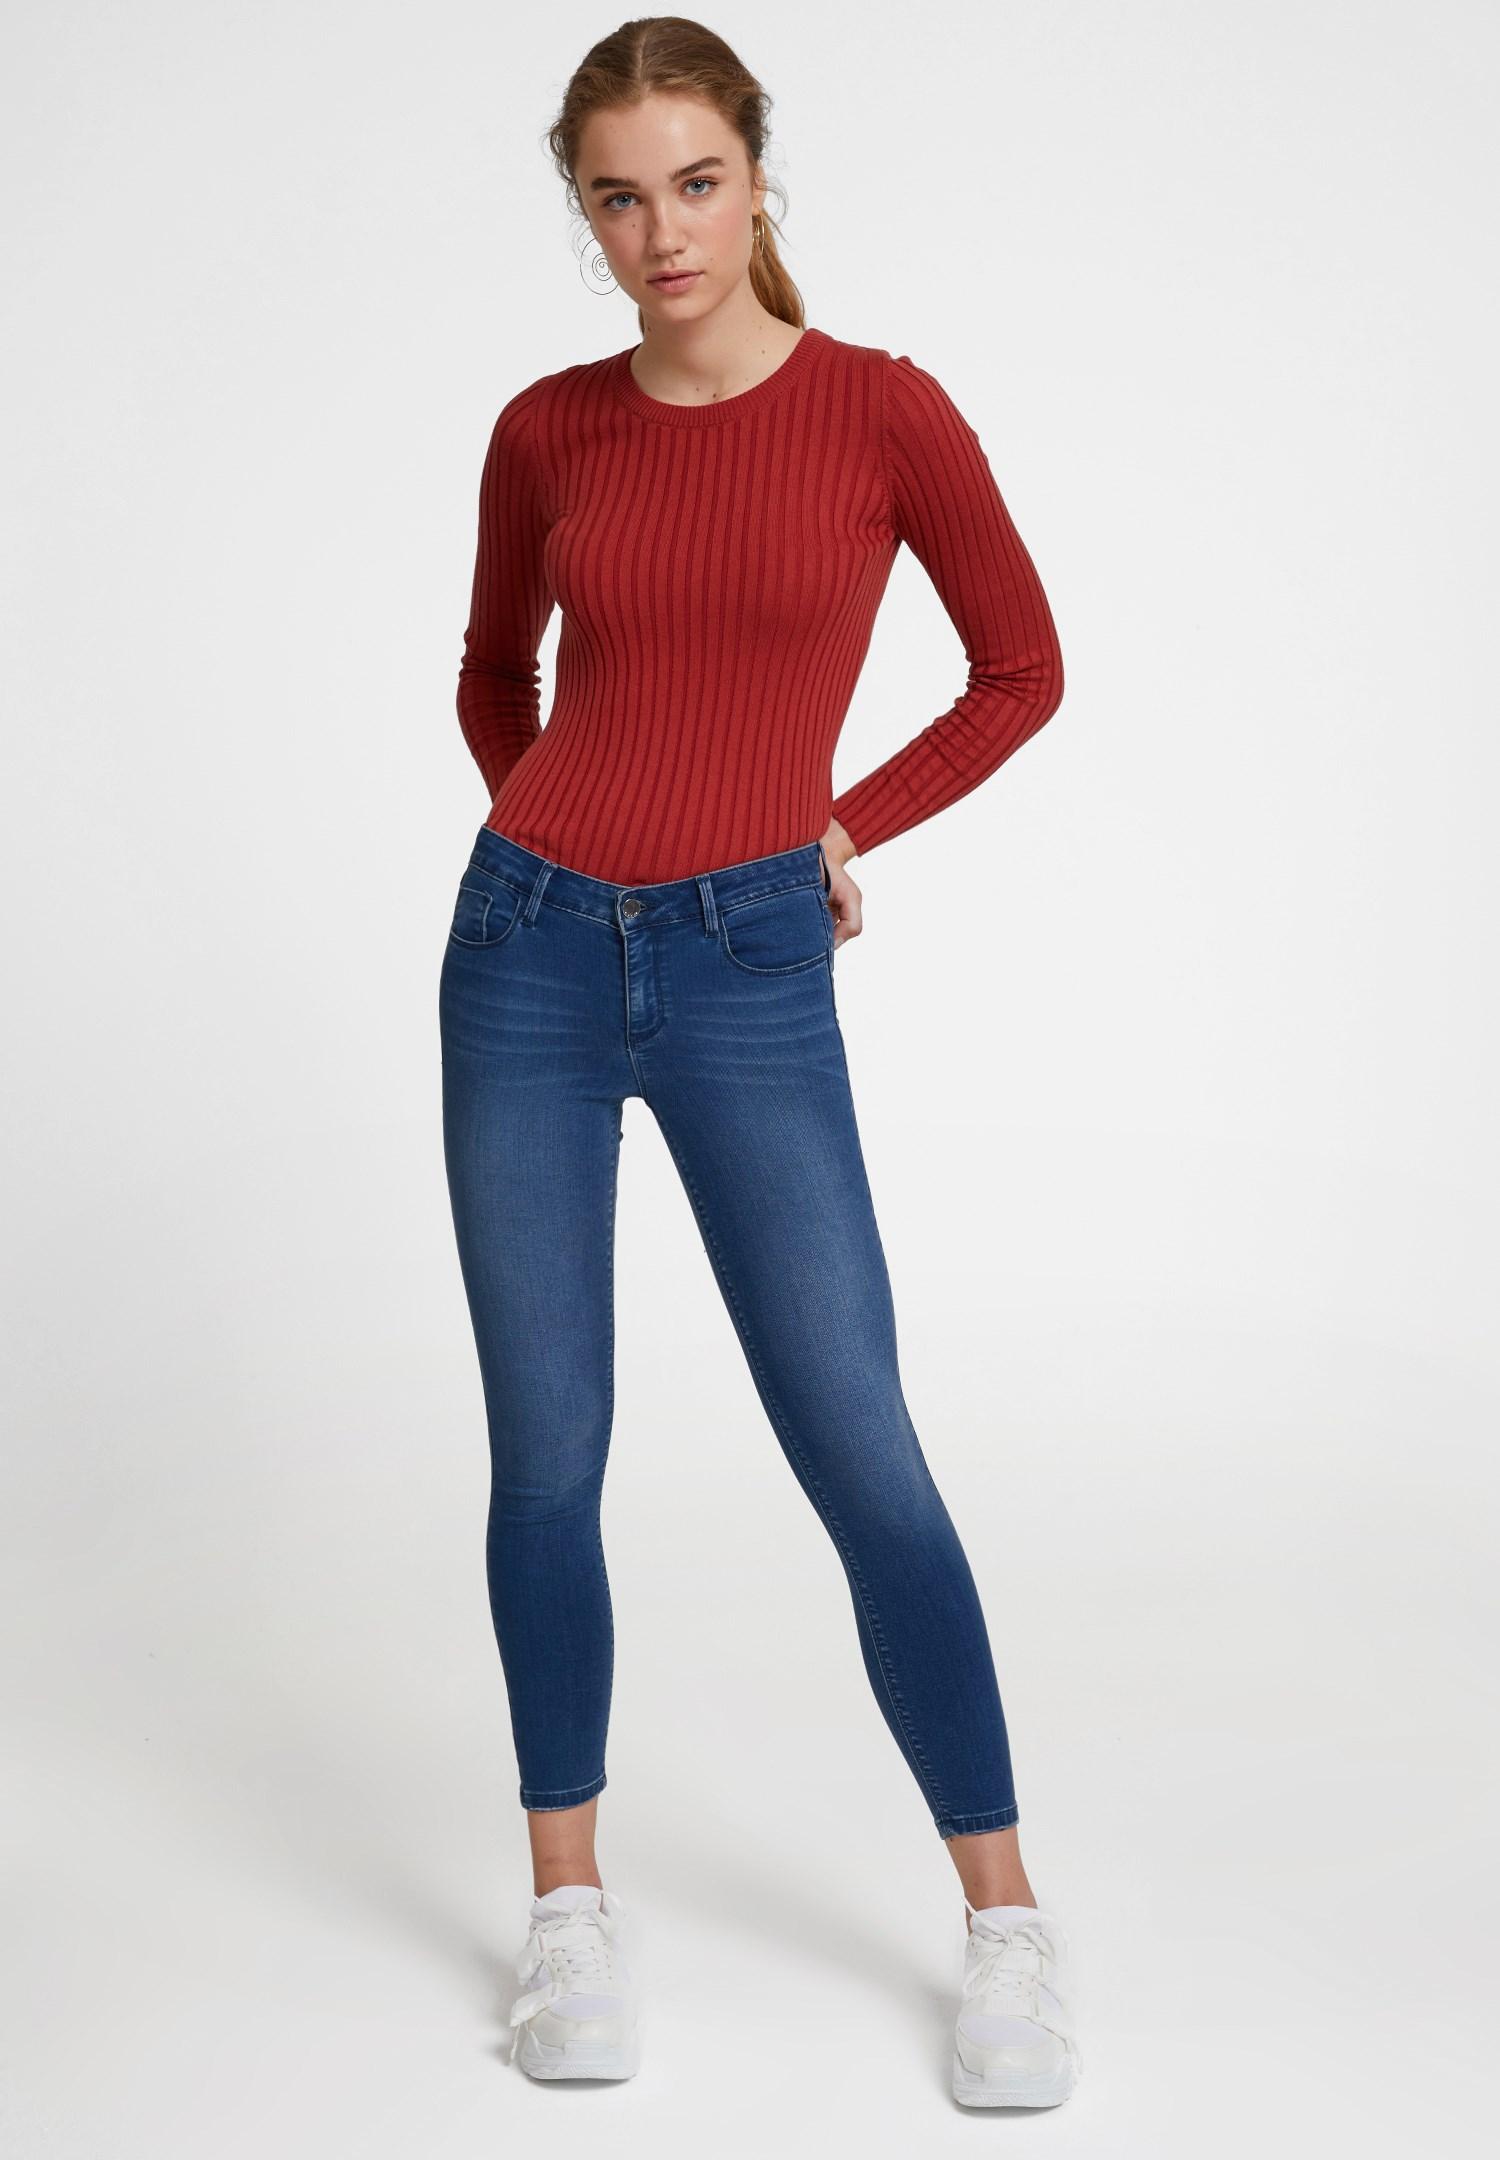 Bayan Kırmızı Modal Karışımlı Triko